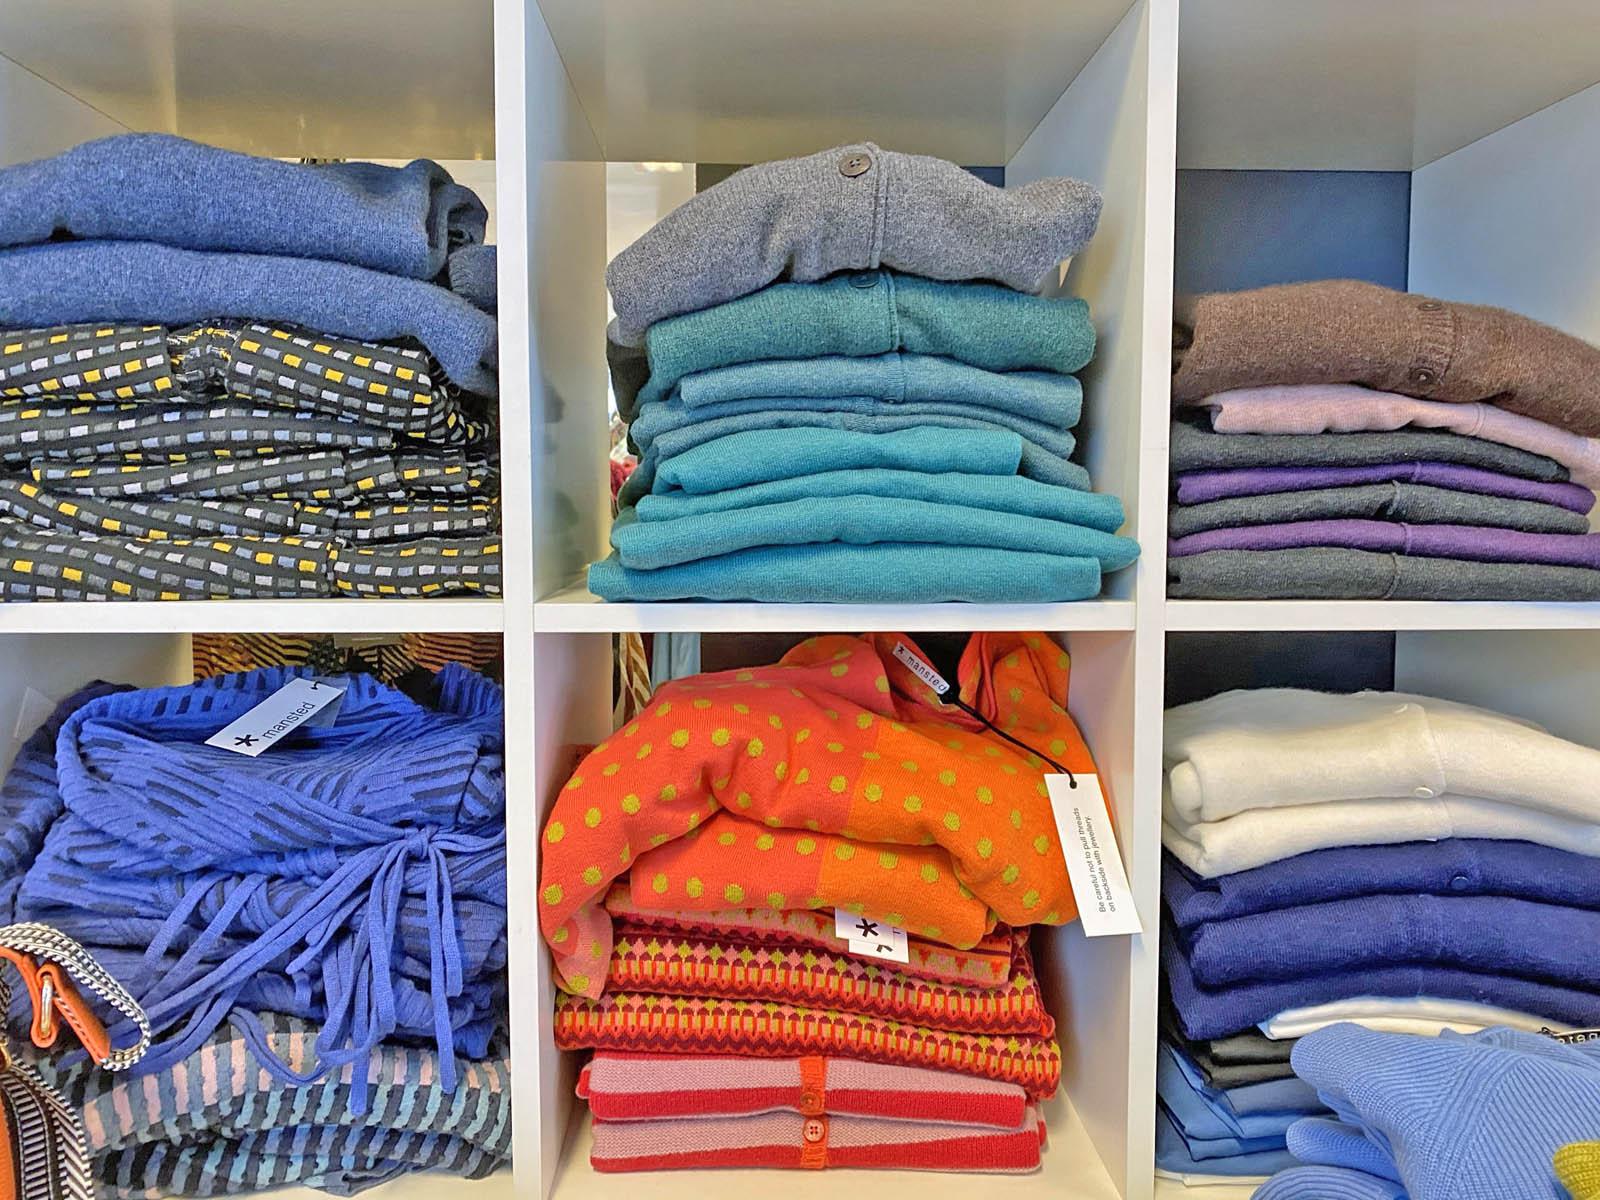 Fra Fabiola-butikken selger Siv-Janne dameklær til kunder over hele landet.